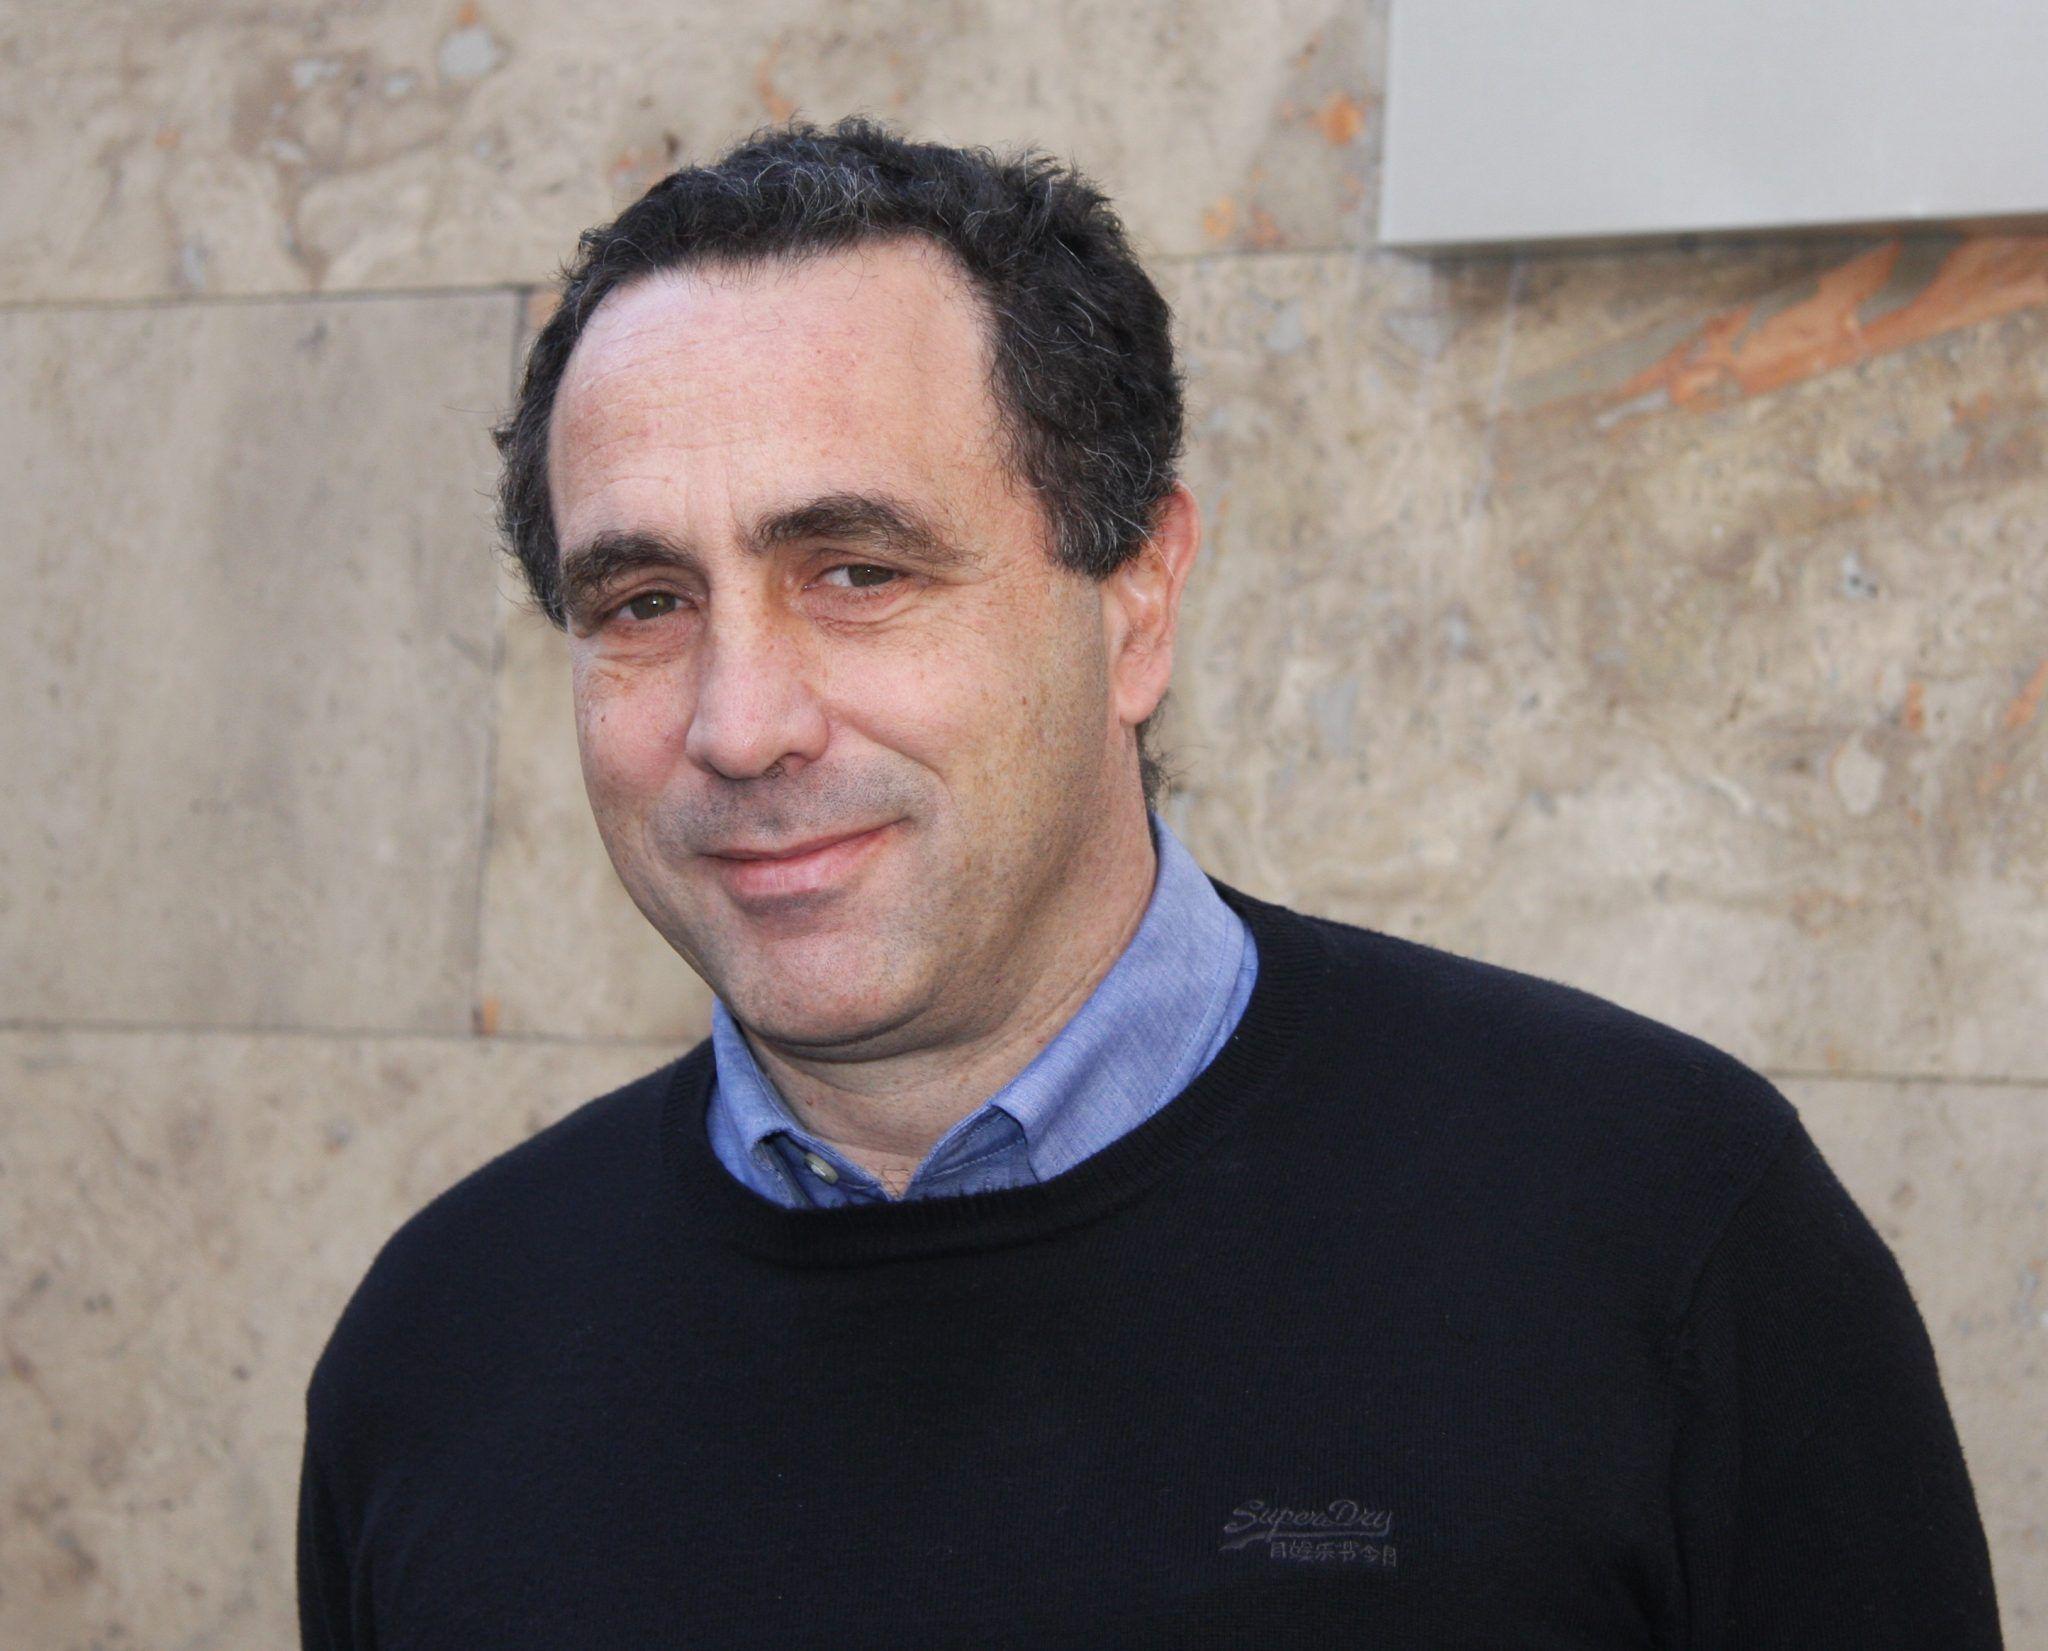 Lorenzo Monserrat, cardiólogo del Complejo Hospitalario Universitario de A Coruña y director científico de Health in Code. Fotografía: Lucía Márquez Martínez, Genética Médica News.